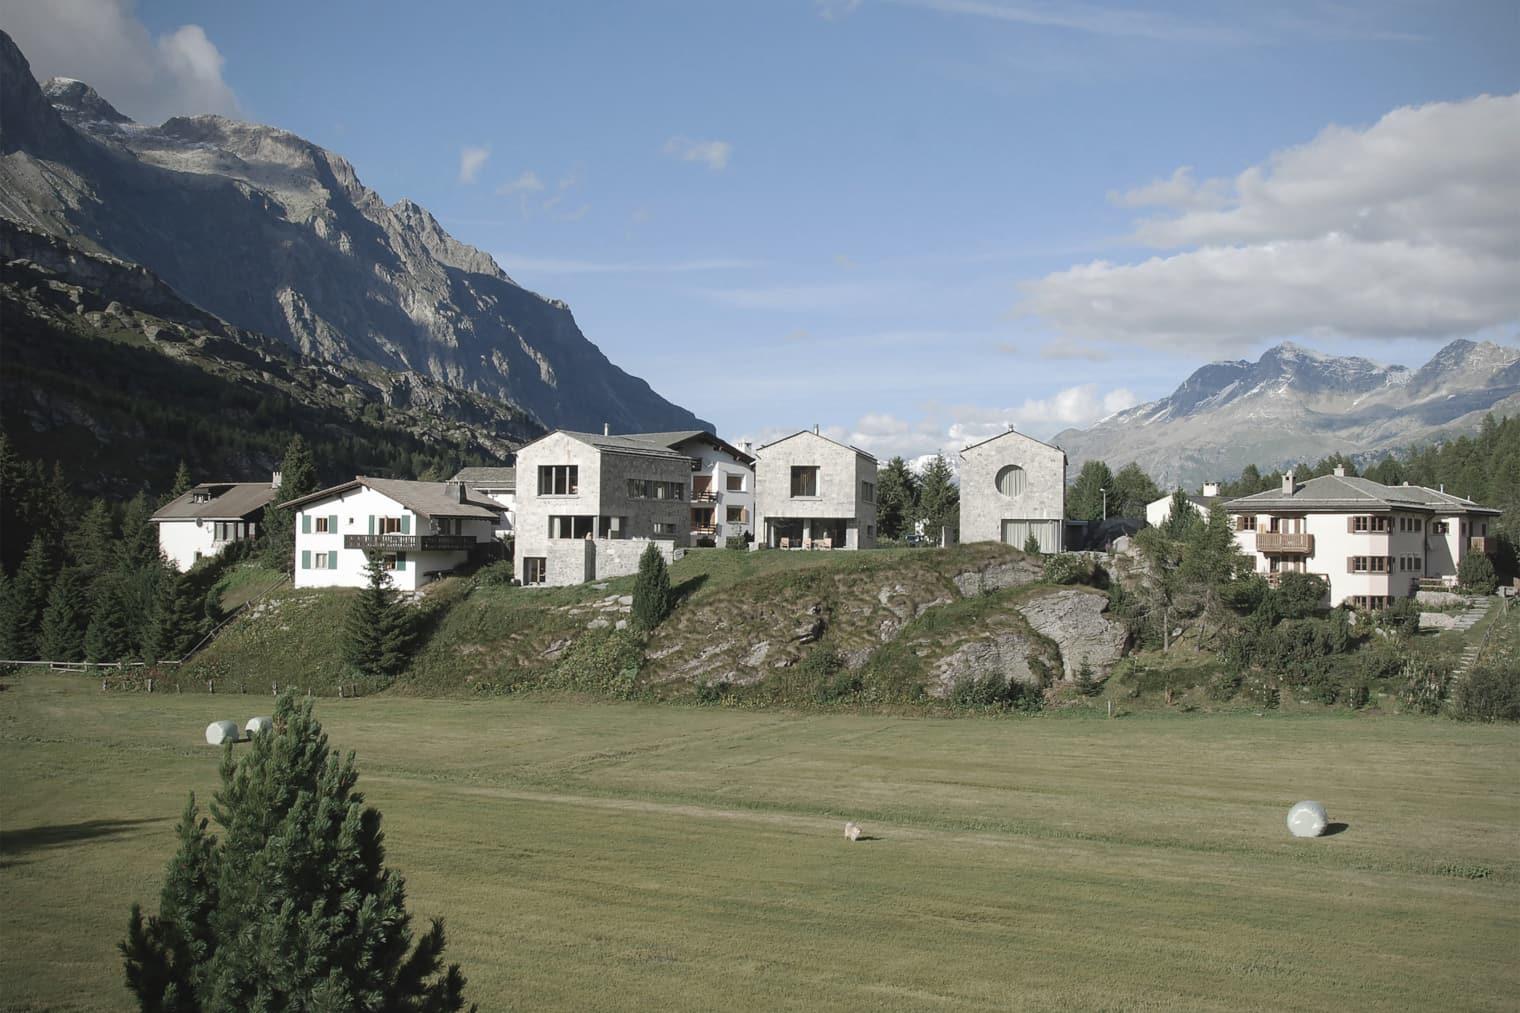 Vista di diverse case di fronte a un paesaggio montano